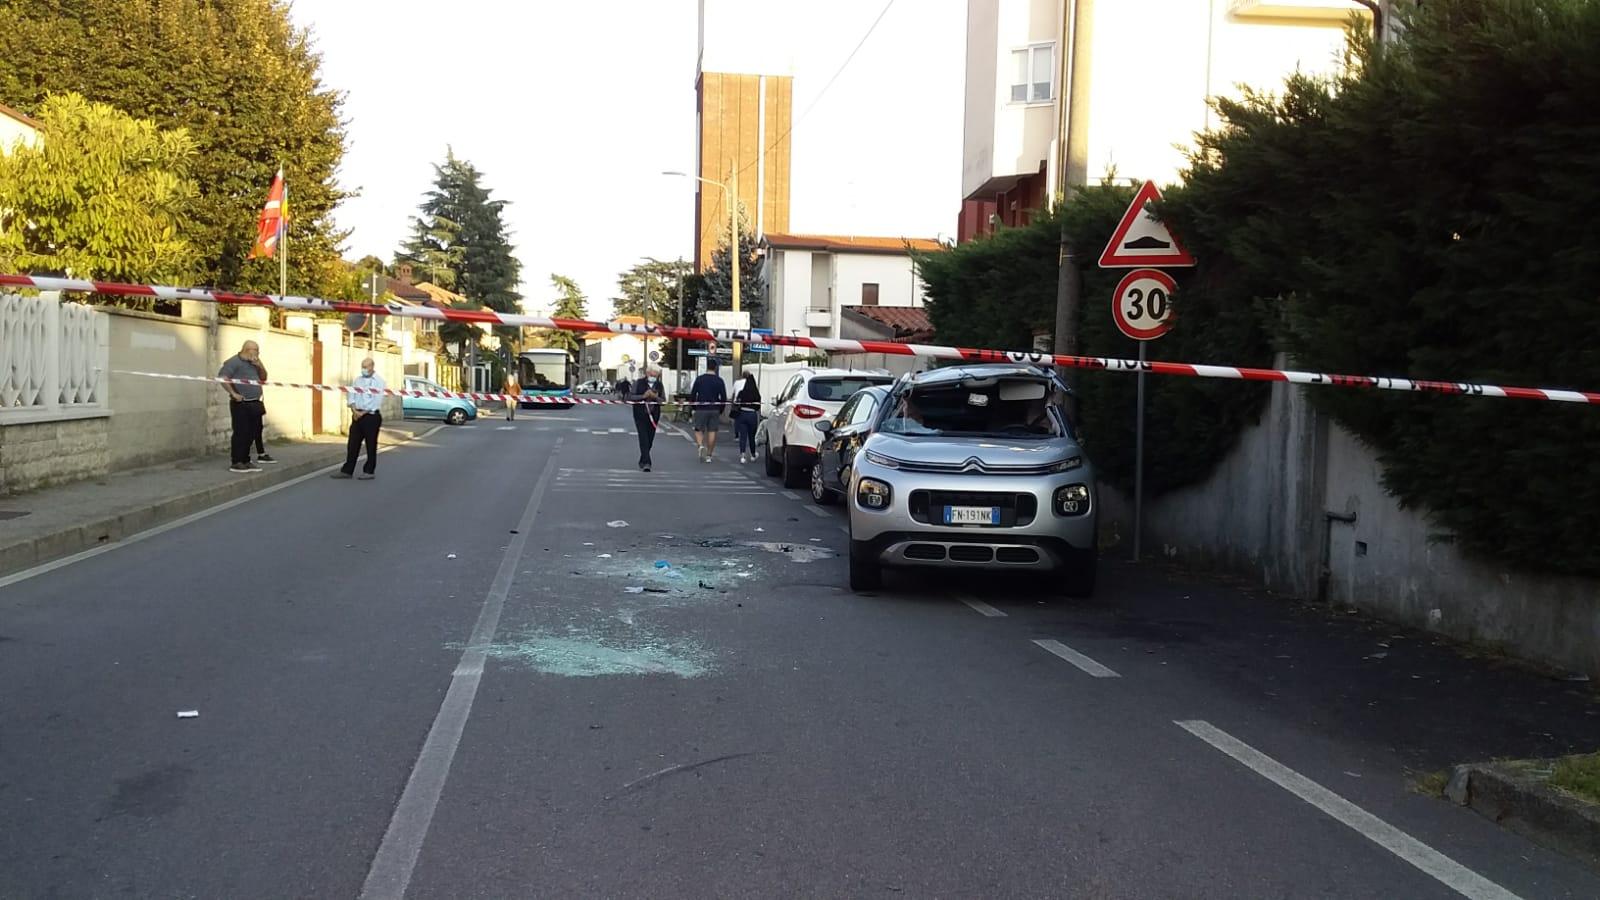 testacoda Corbetta - Testacoda e scontro tra auto in via Oberdan. Corbetta 19/05/2021